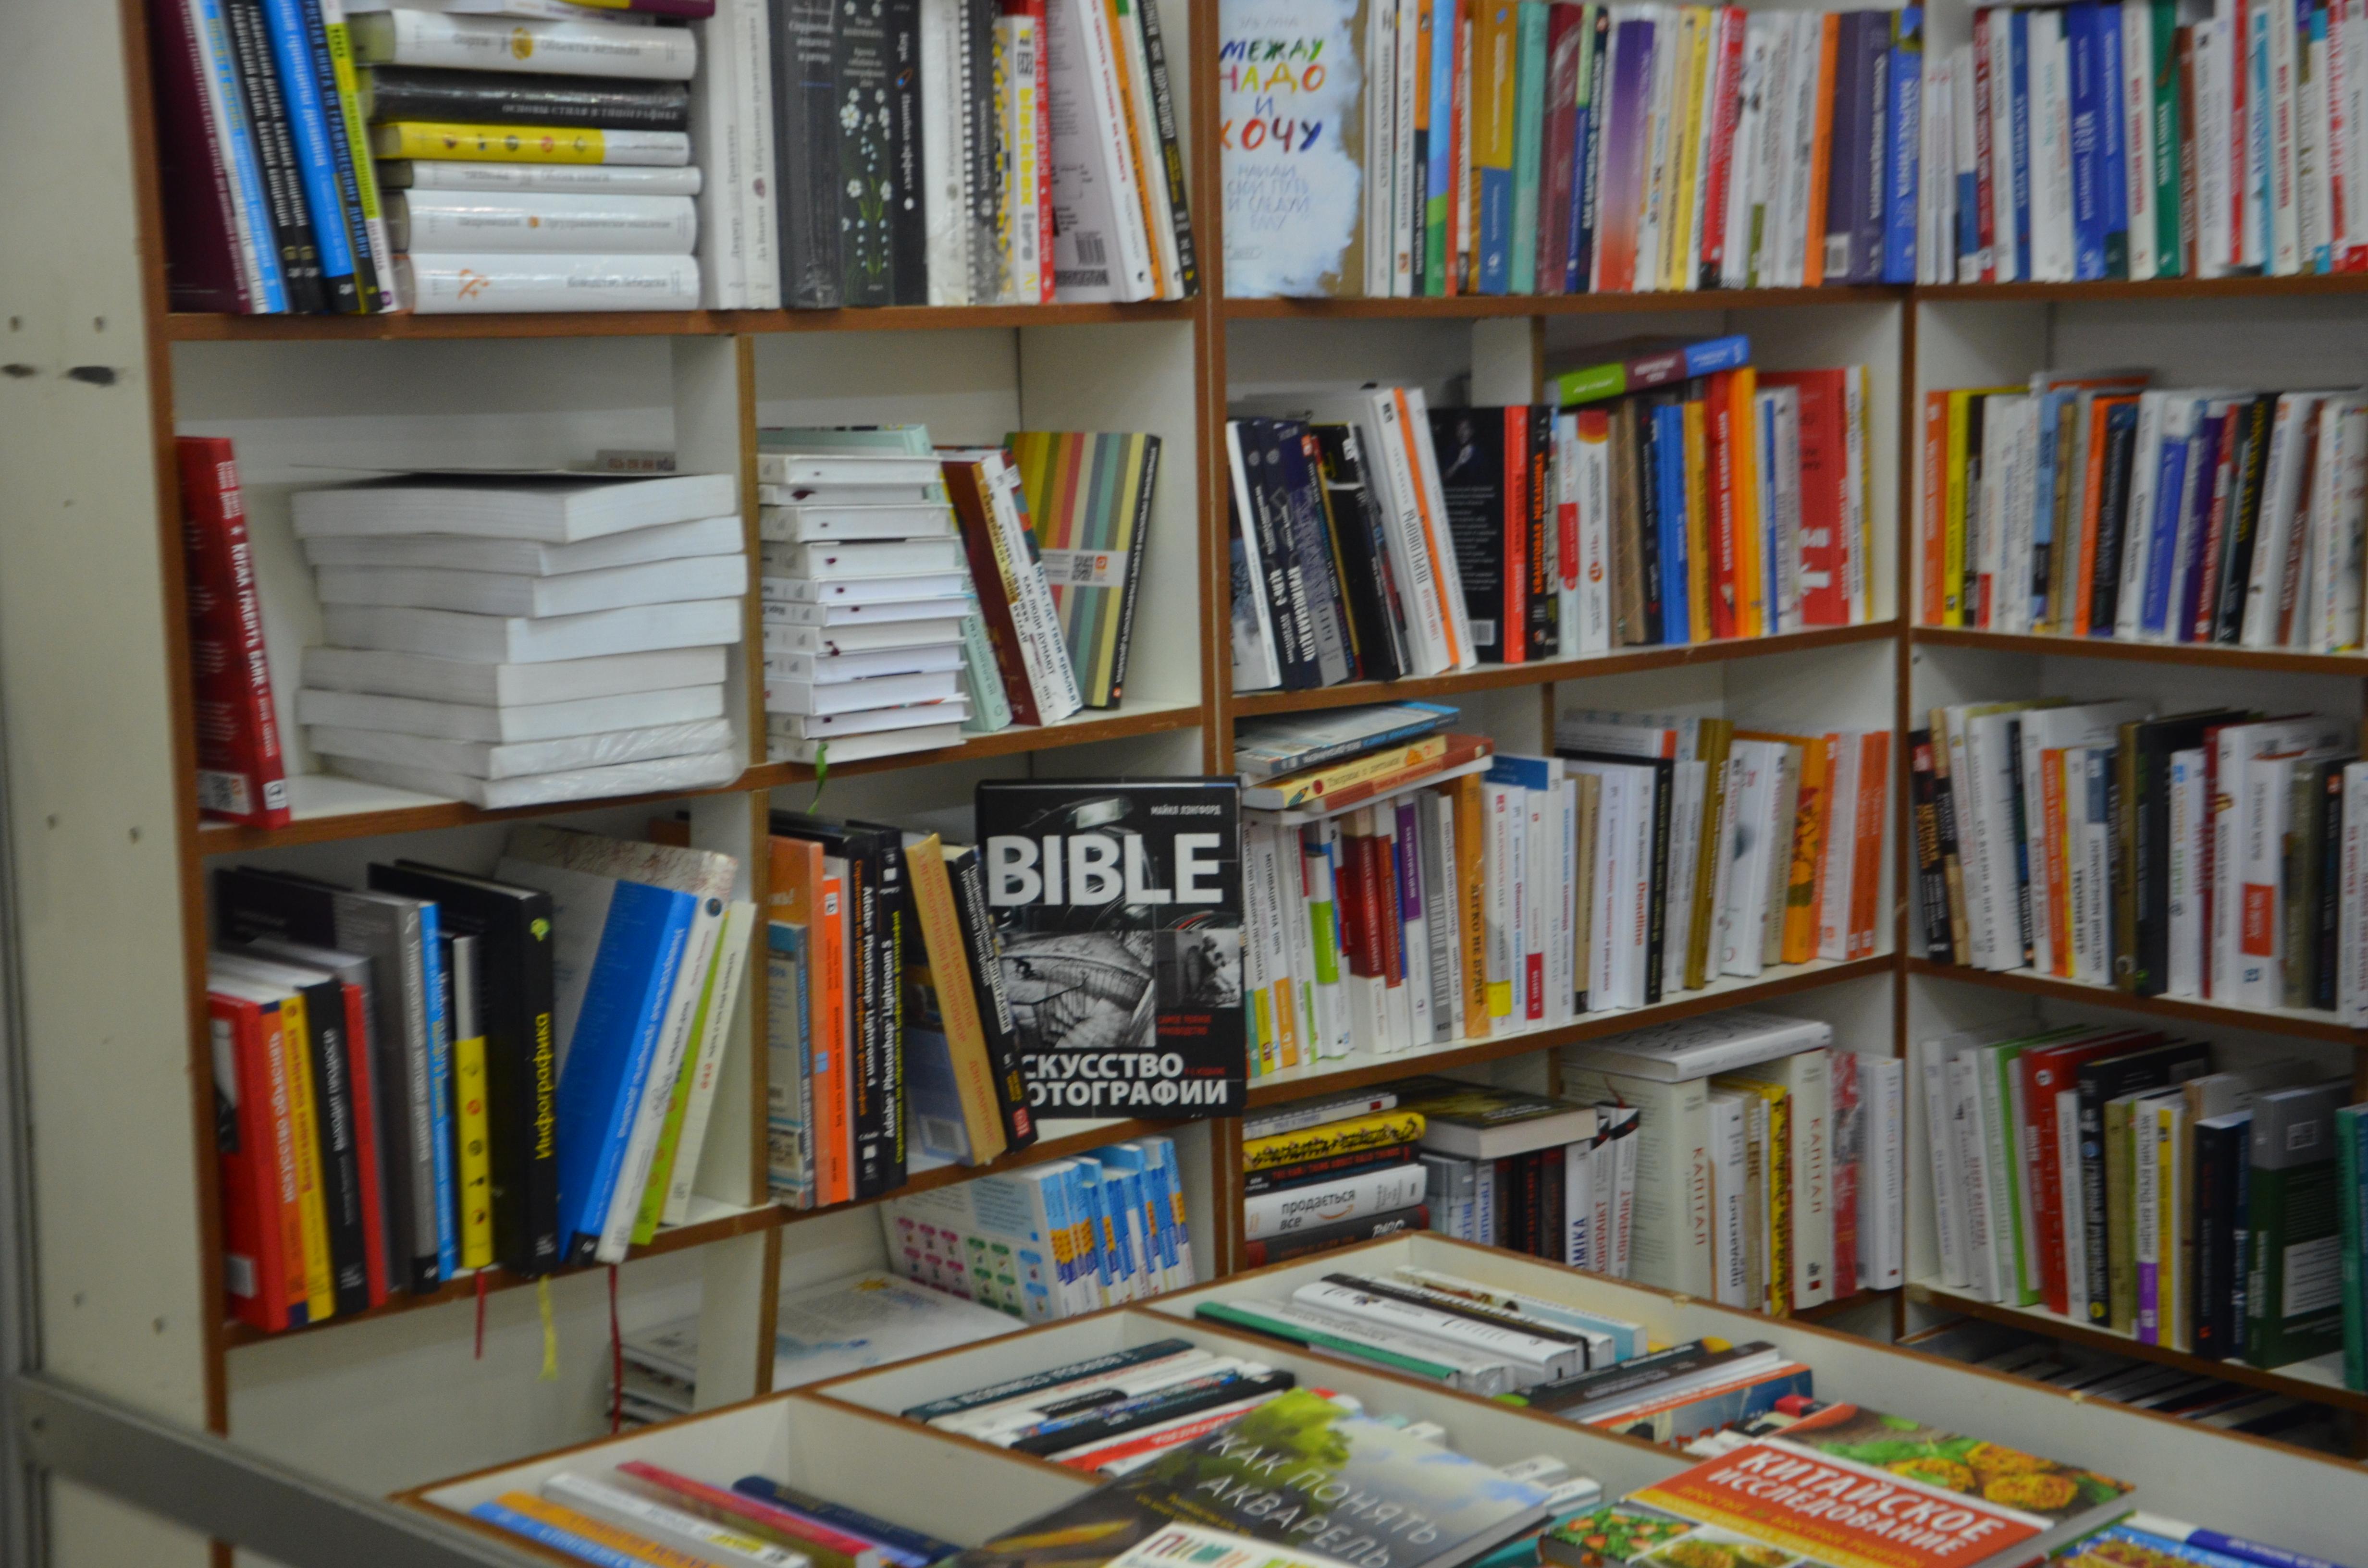 Первый день книжной Толоки: тысячи книг, сотни посетителей и десятки локаций - фото